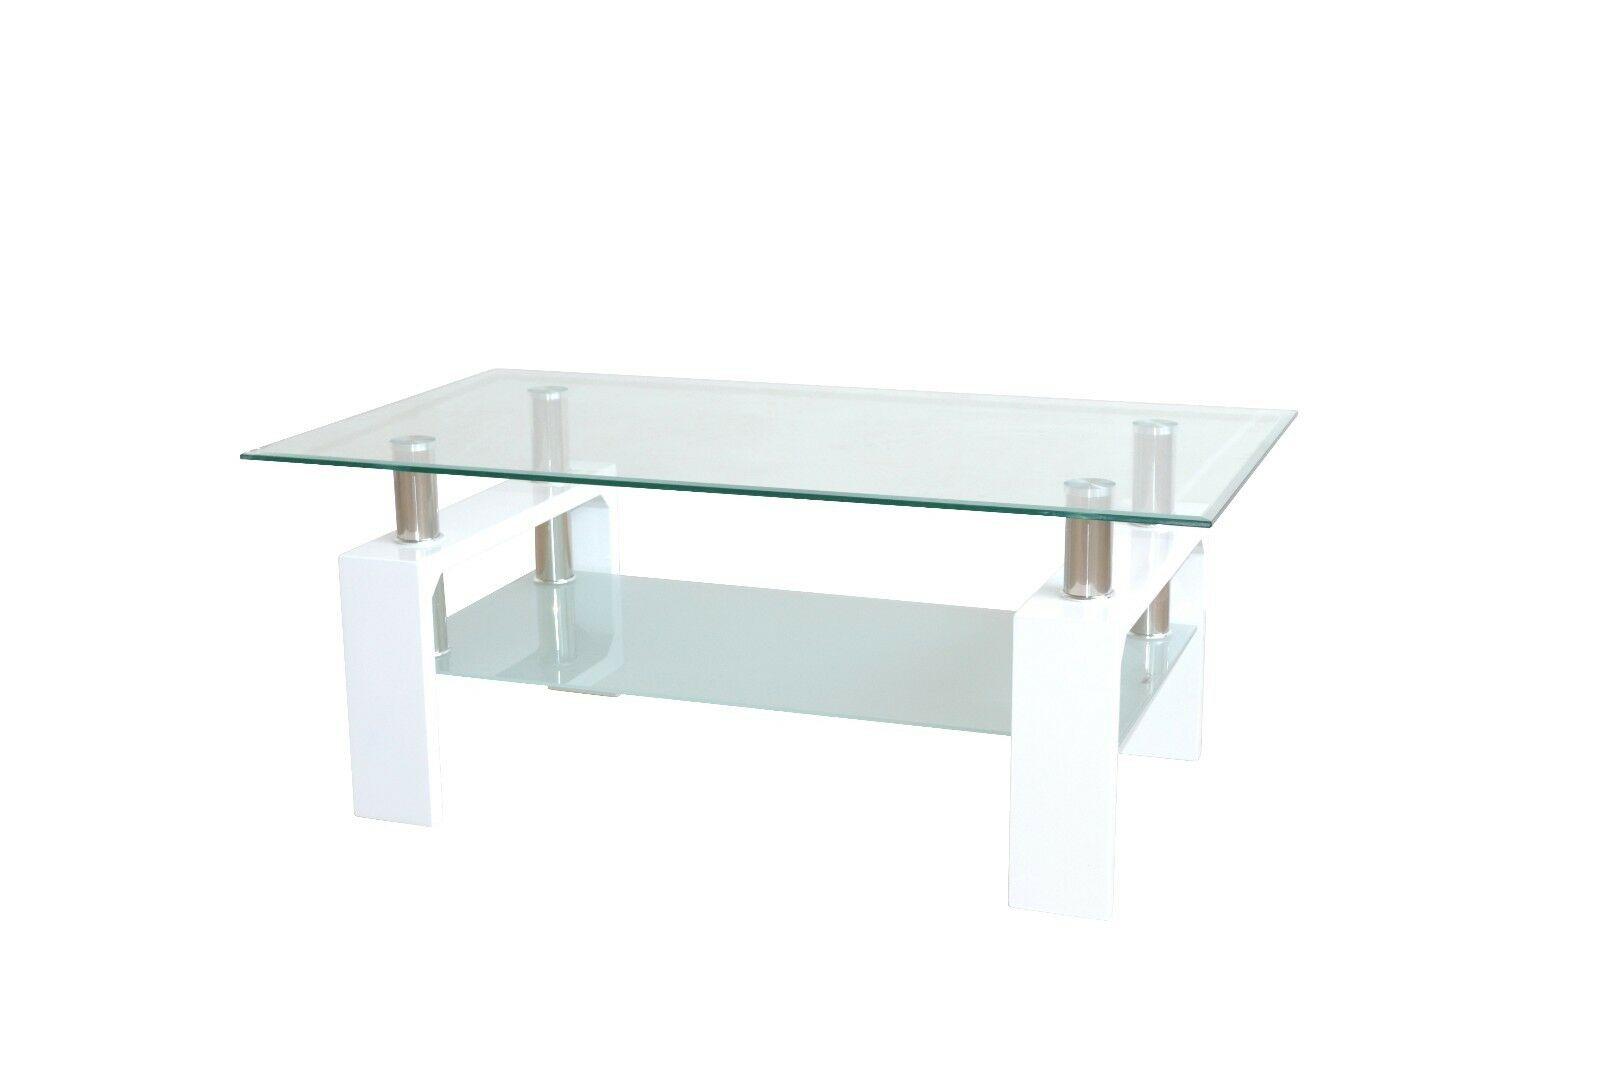 Moderner Couchtisch Weiß Glastisch Design Wohnzimmertisch Sofatisch